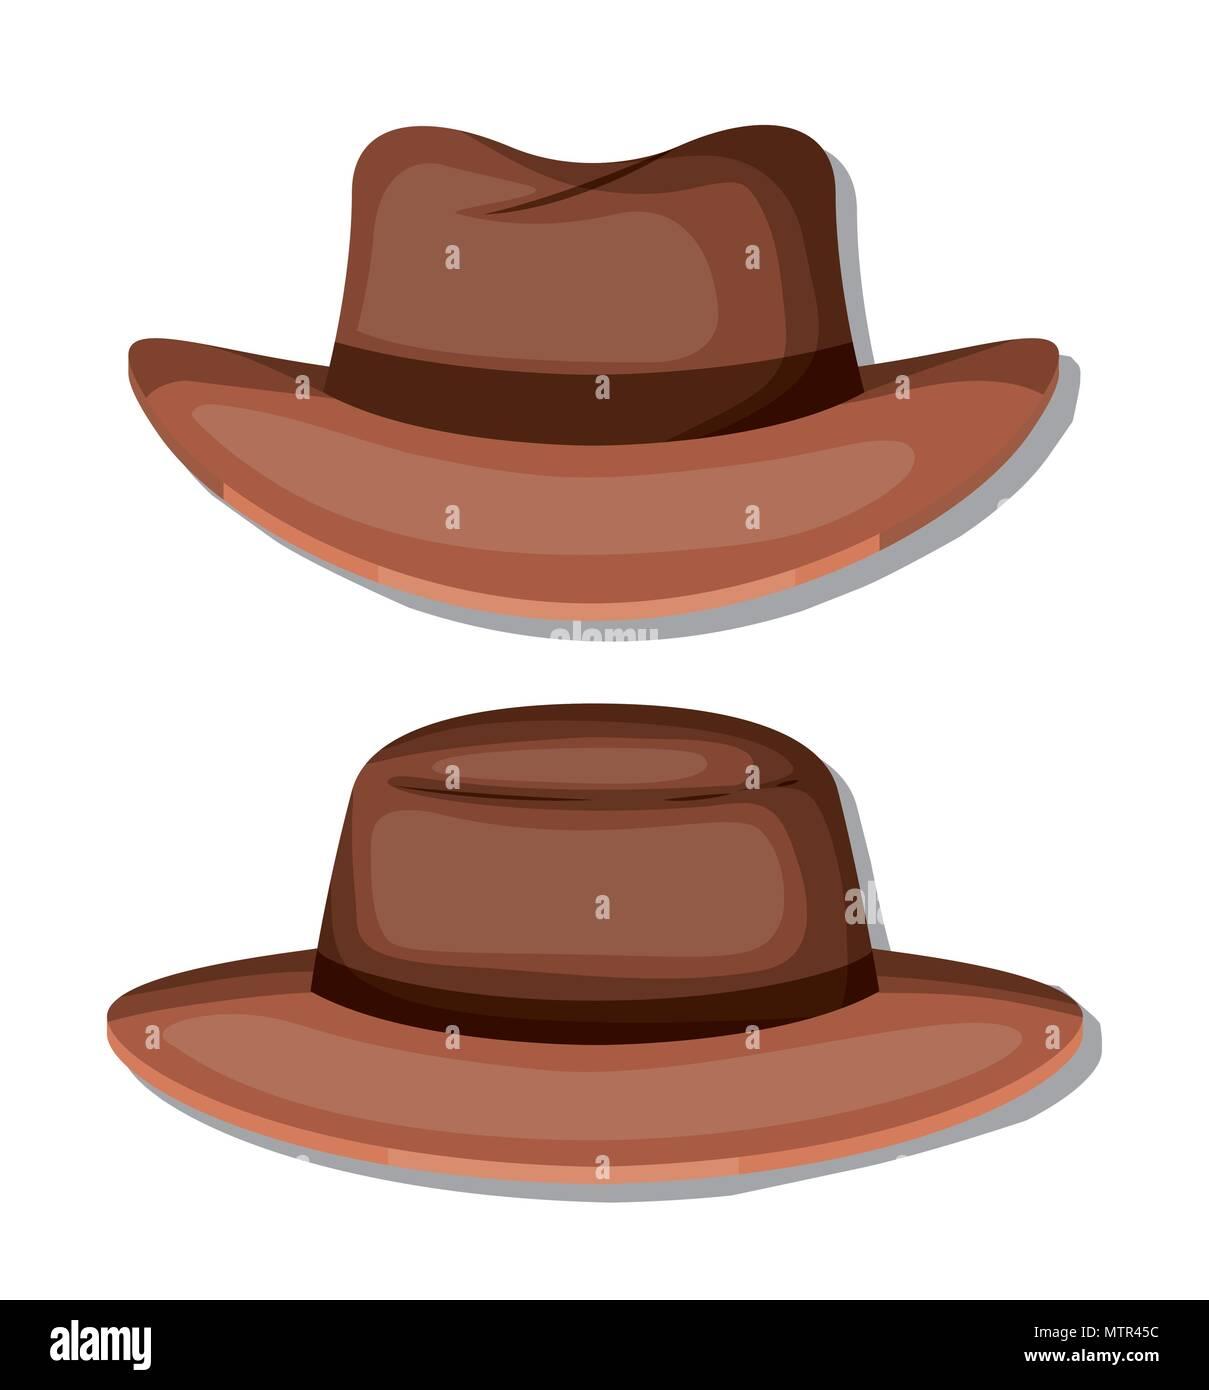 elegant hat masculine icons - Stock Image